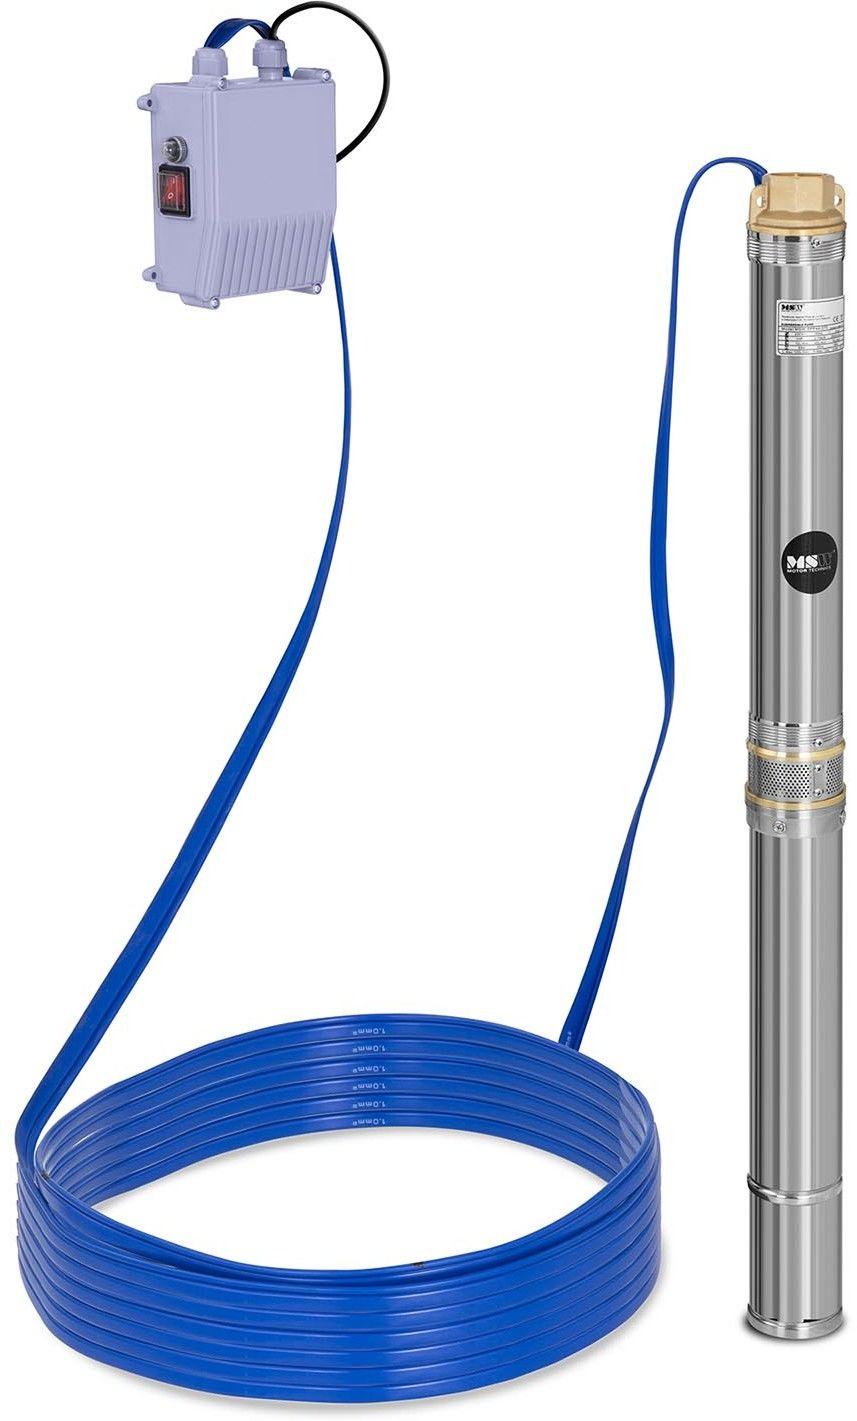 Pompa głębinowa - do 39 m - 370W - stal nierdzewna - MSW - MSW-SPP32-037 - 3 lata gwarancji/wysyłka w 24h